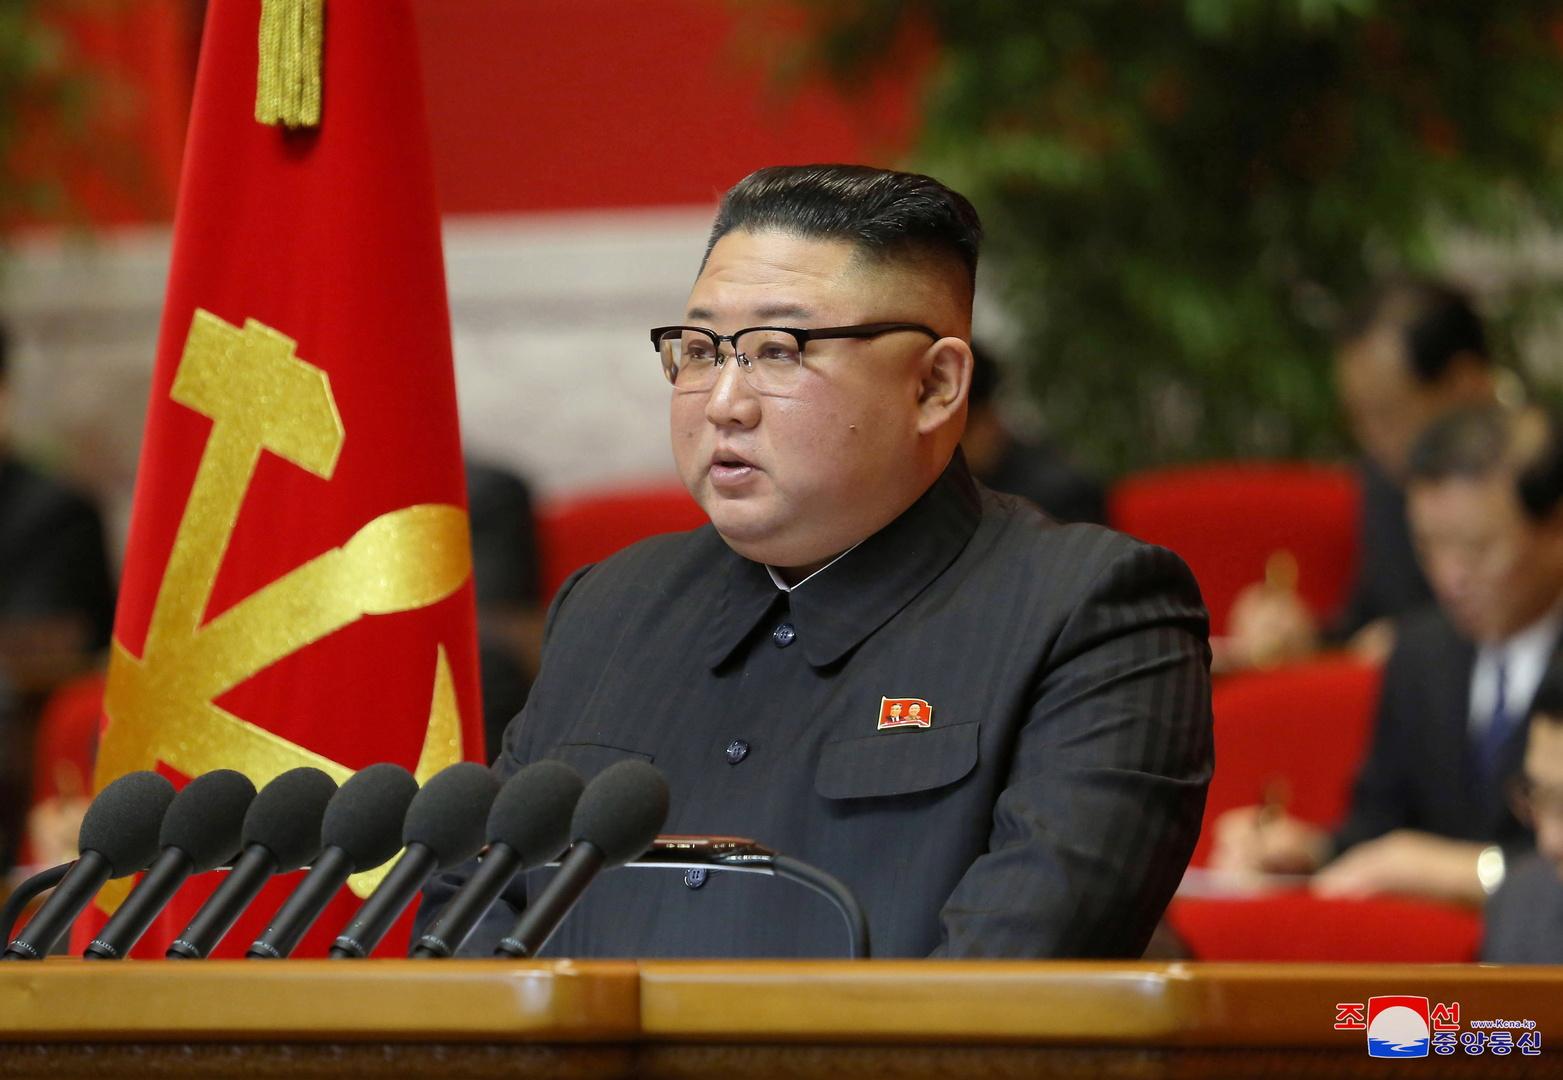 كيم جونغ أون يحدد الخطوط العريضة لسياسة بلاده الخارجية